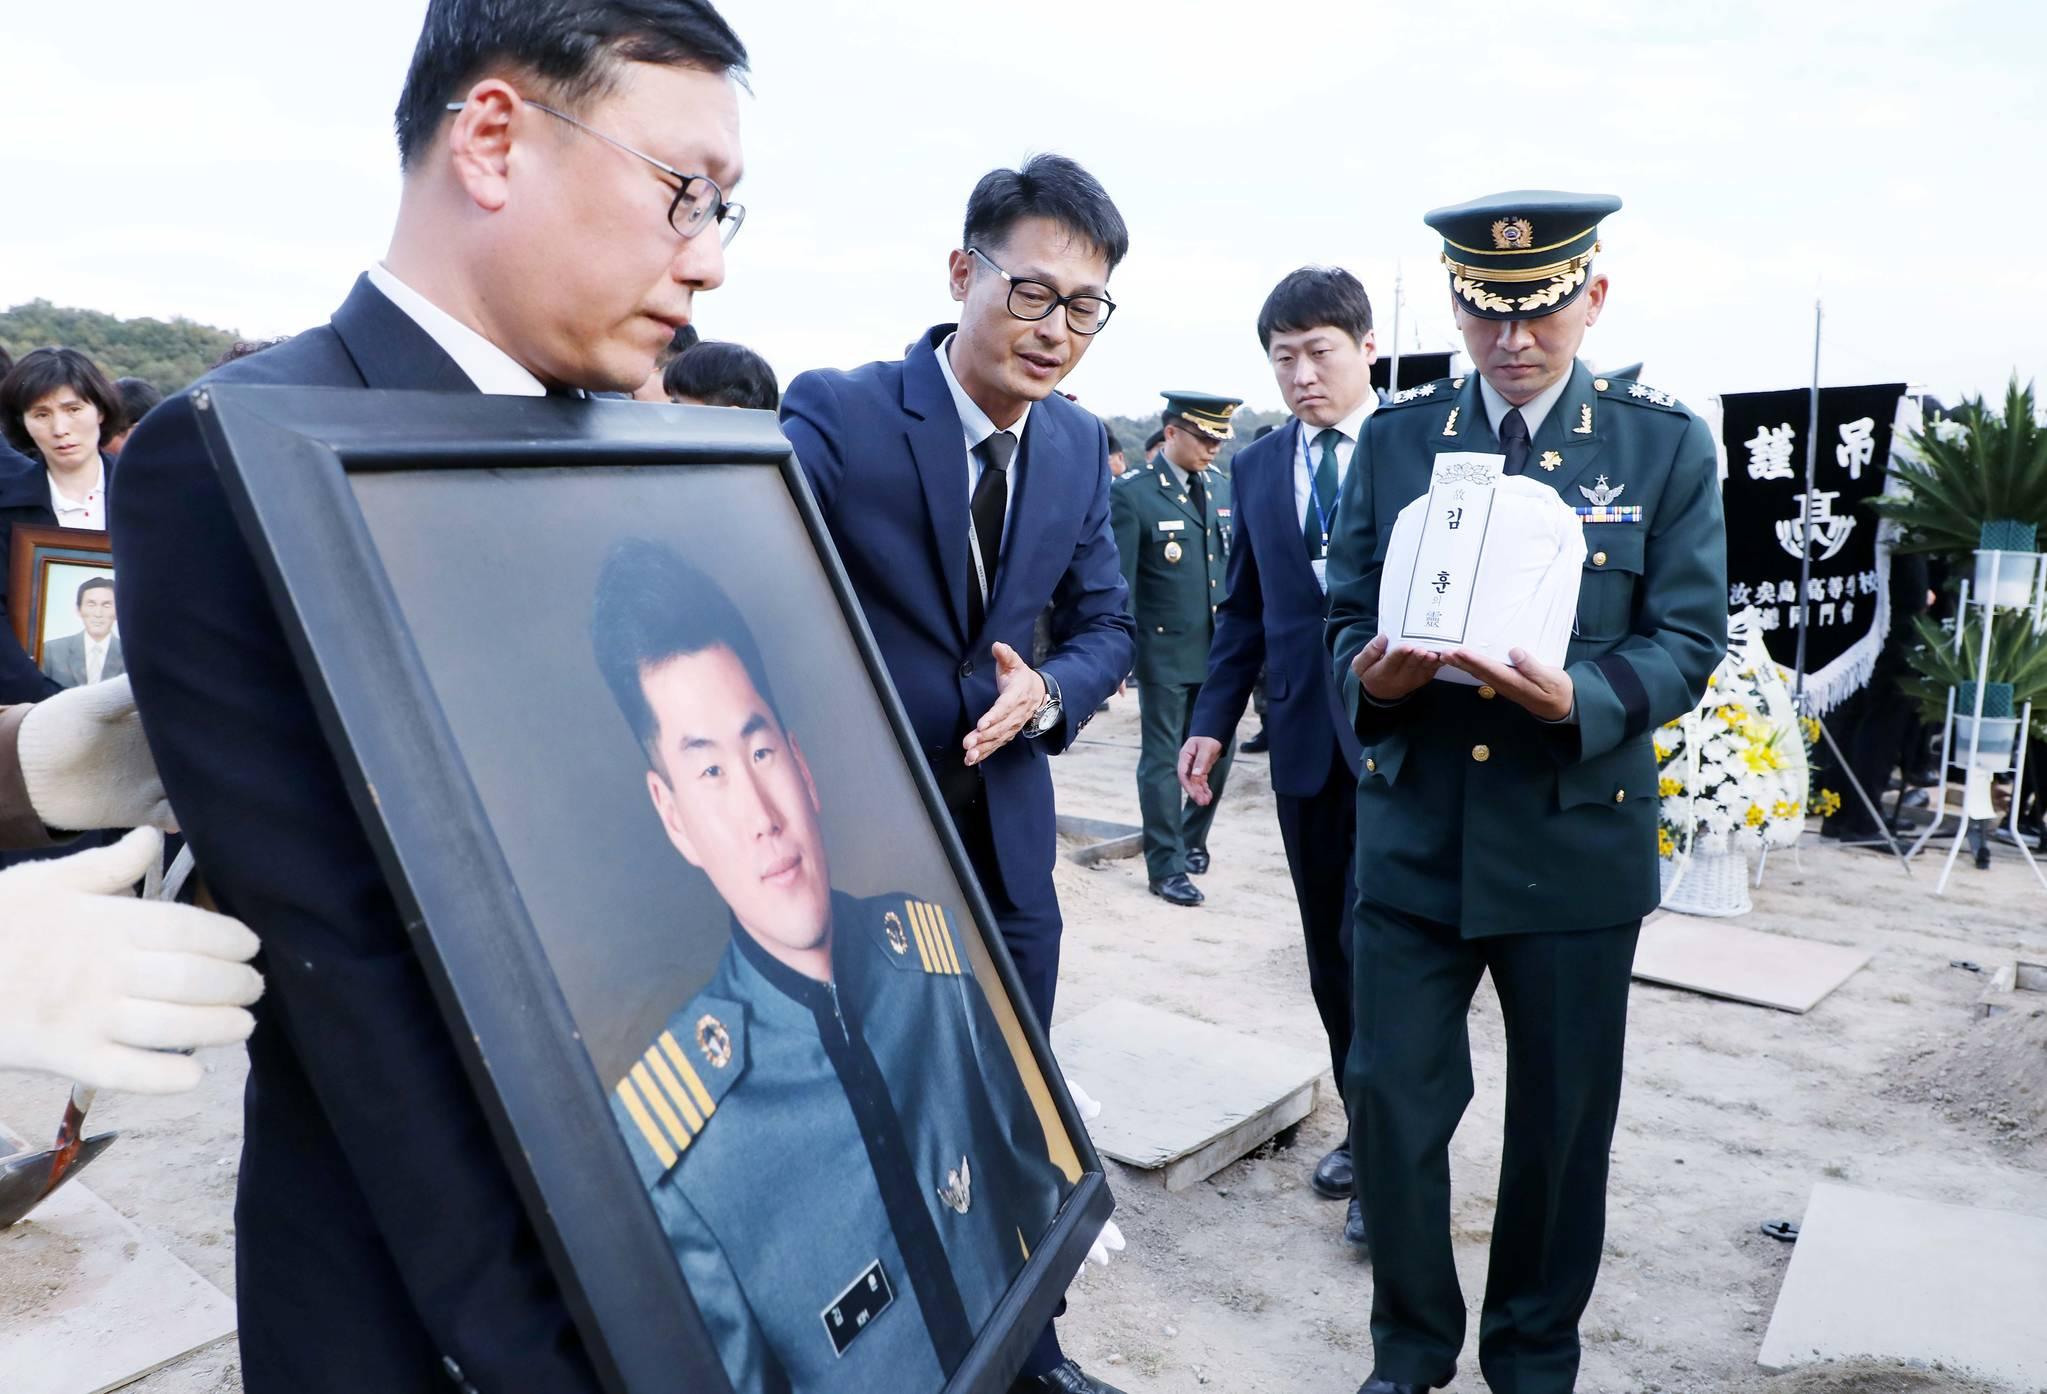 군 대표적 의문사 사건으로 지난 1998년 판문점 공동경비구역(JSA) 벙커에서 숨진 고 김훈 육군 중위(당시 25세·육사 52기)가 19년만에 순직처리돼 2017년 10월 28일 국립묘지에 안장됐다. 중앙포토